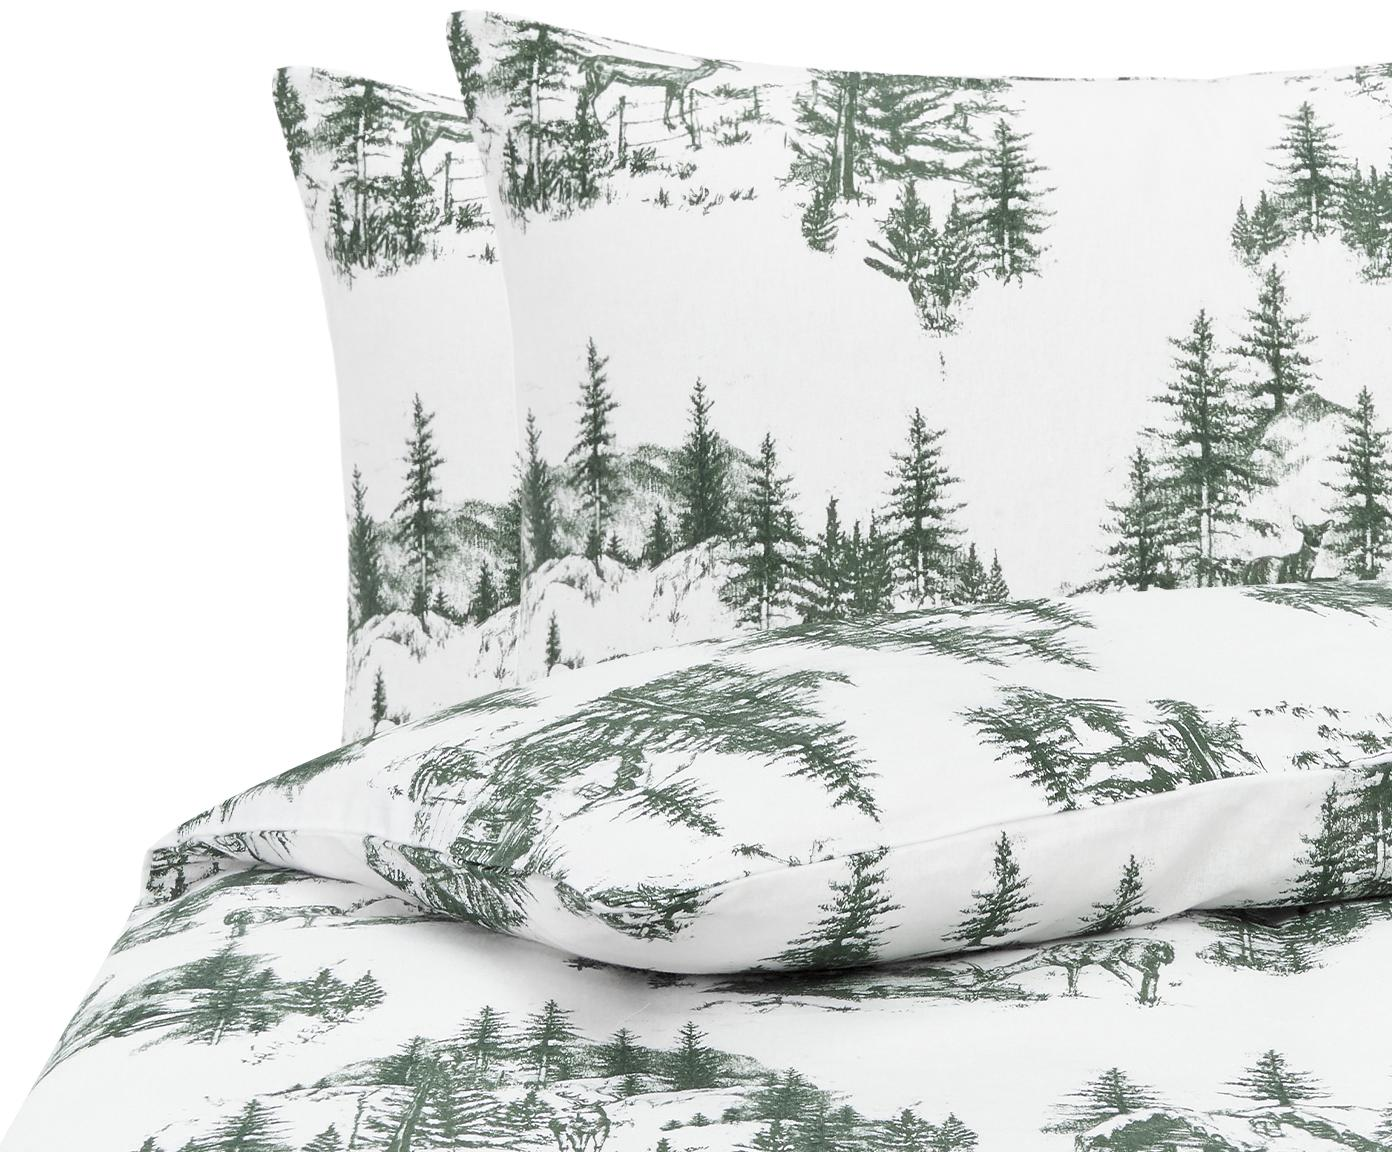 Flanell-Bettwäsche Nordic mit winterlichem Motiv, Webart: Flanell Flanell ist ein s, Grün, Weiß, 200 x 200 cm + 2 Kissen 80 x 80 cm